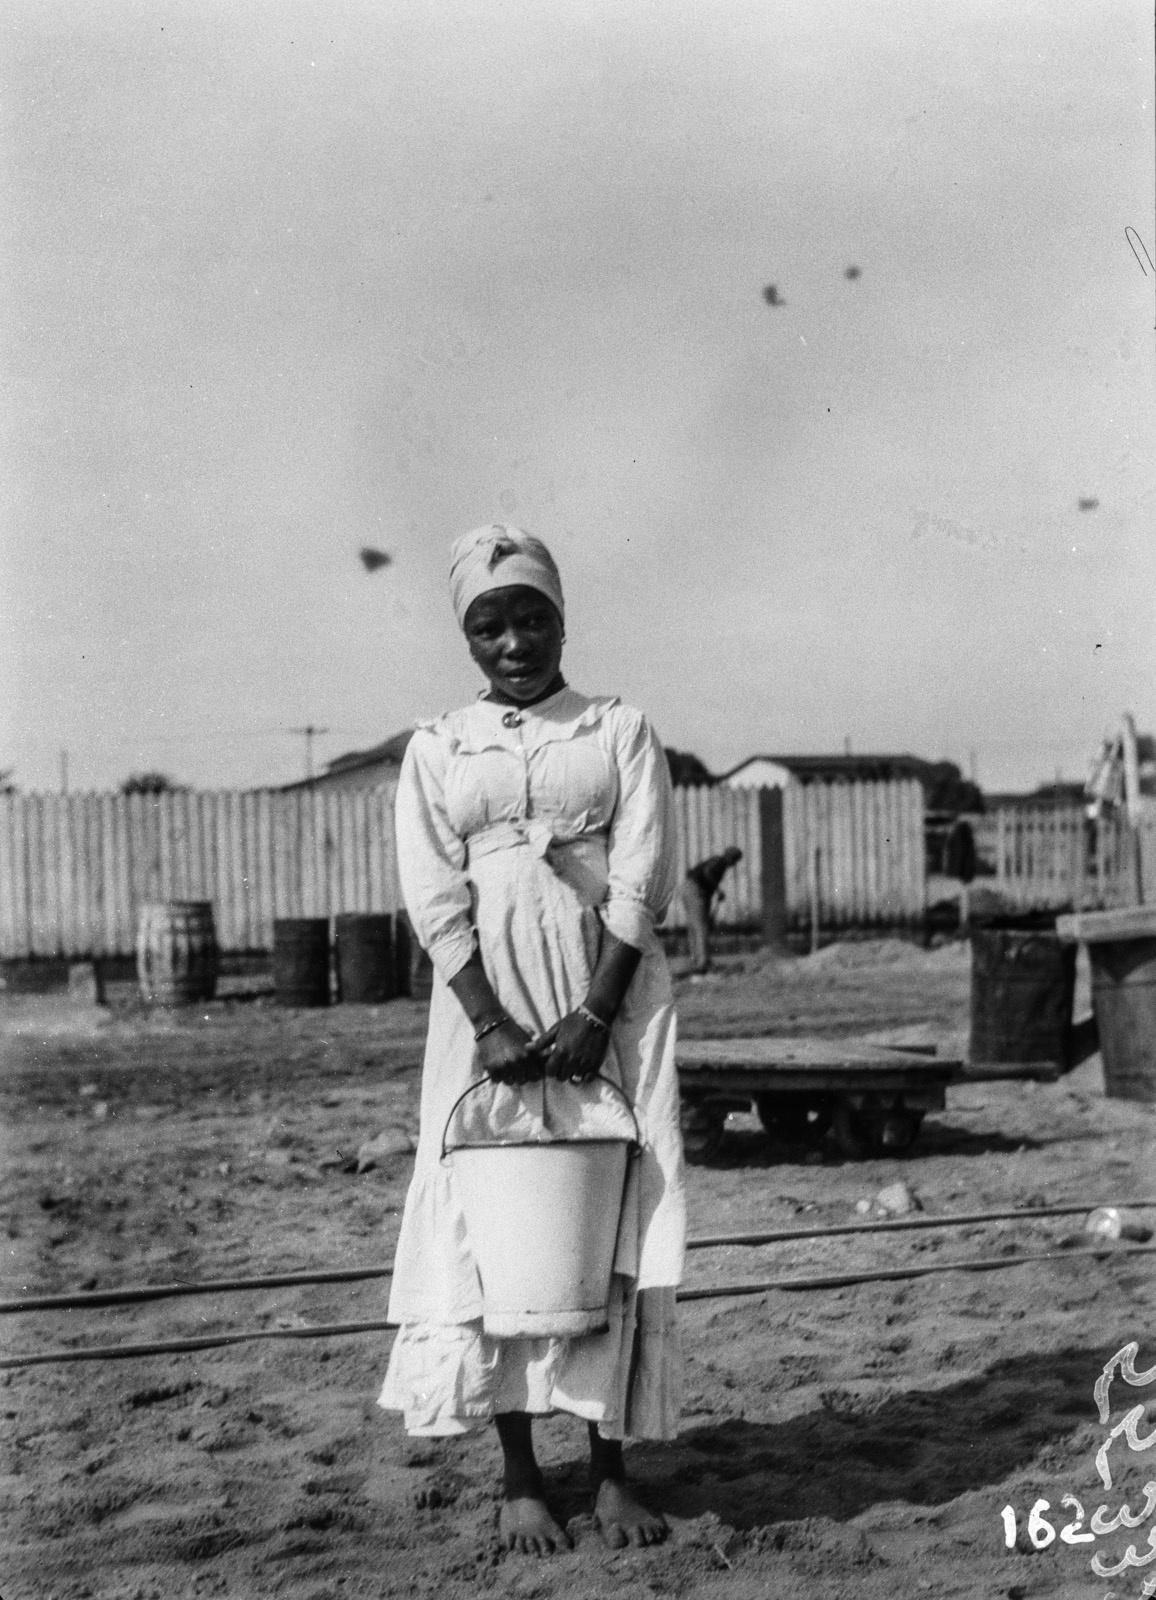 Юго-Западная А́фрика. Свакопмунд. Портрет женщины с ведром